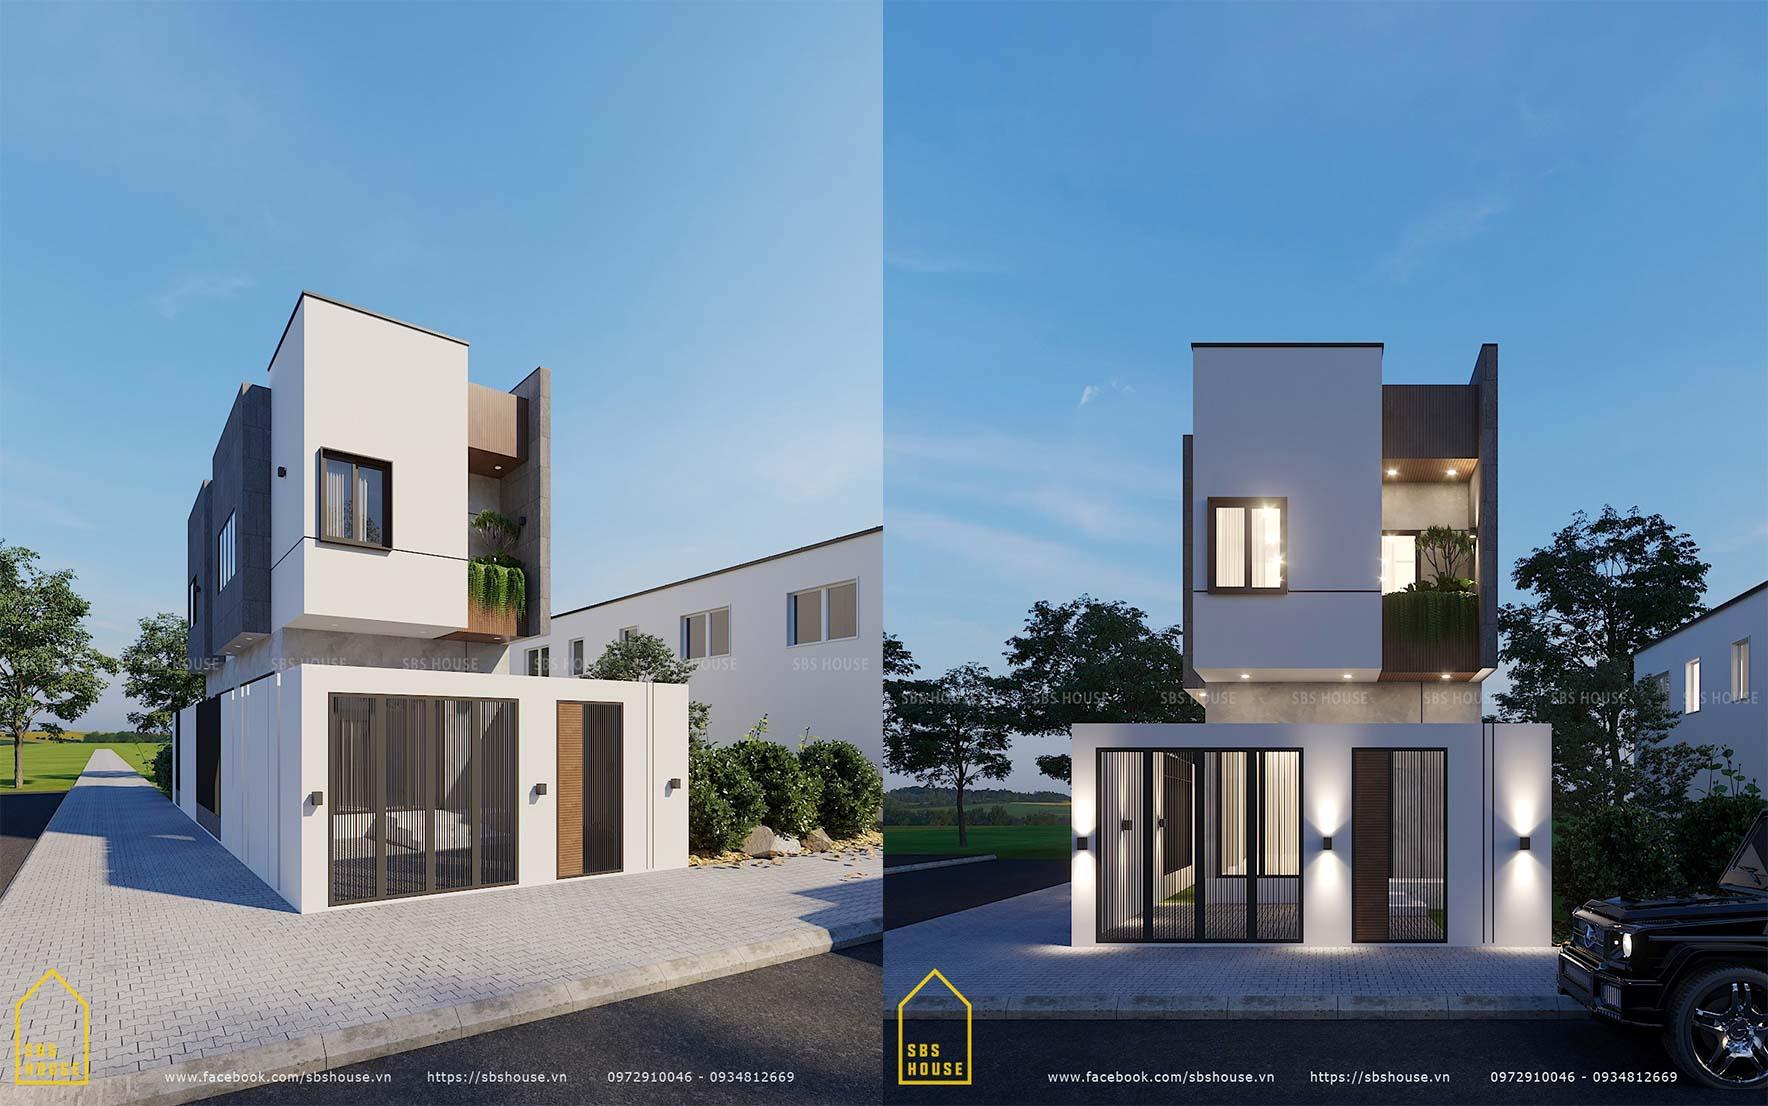 Mặt tiền ngôi nhà hiện đại và tối giản